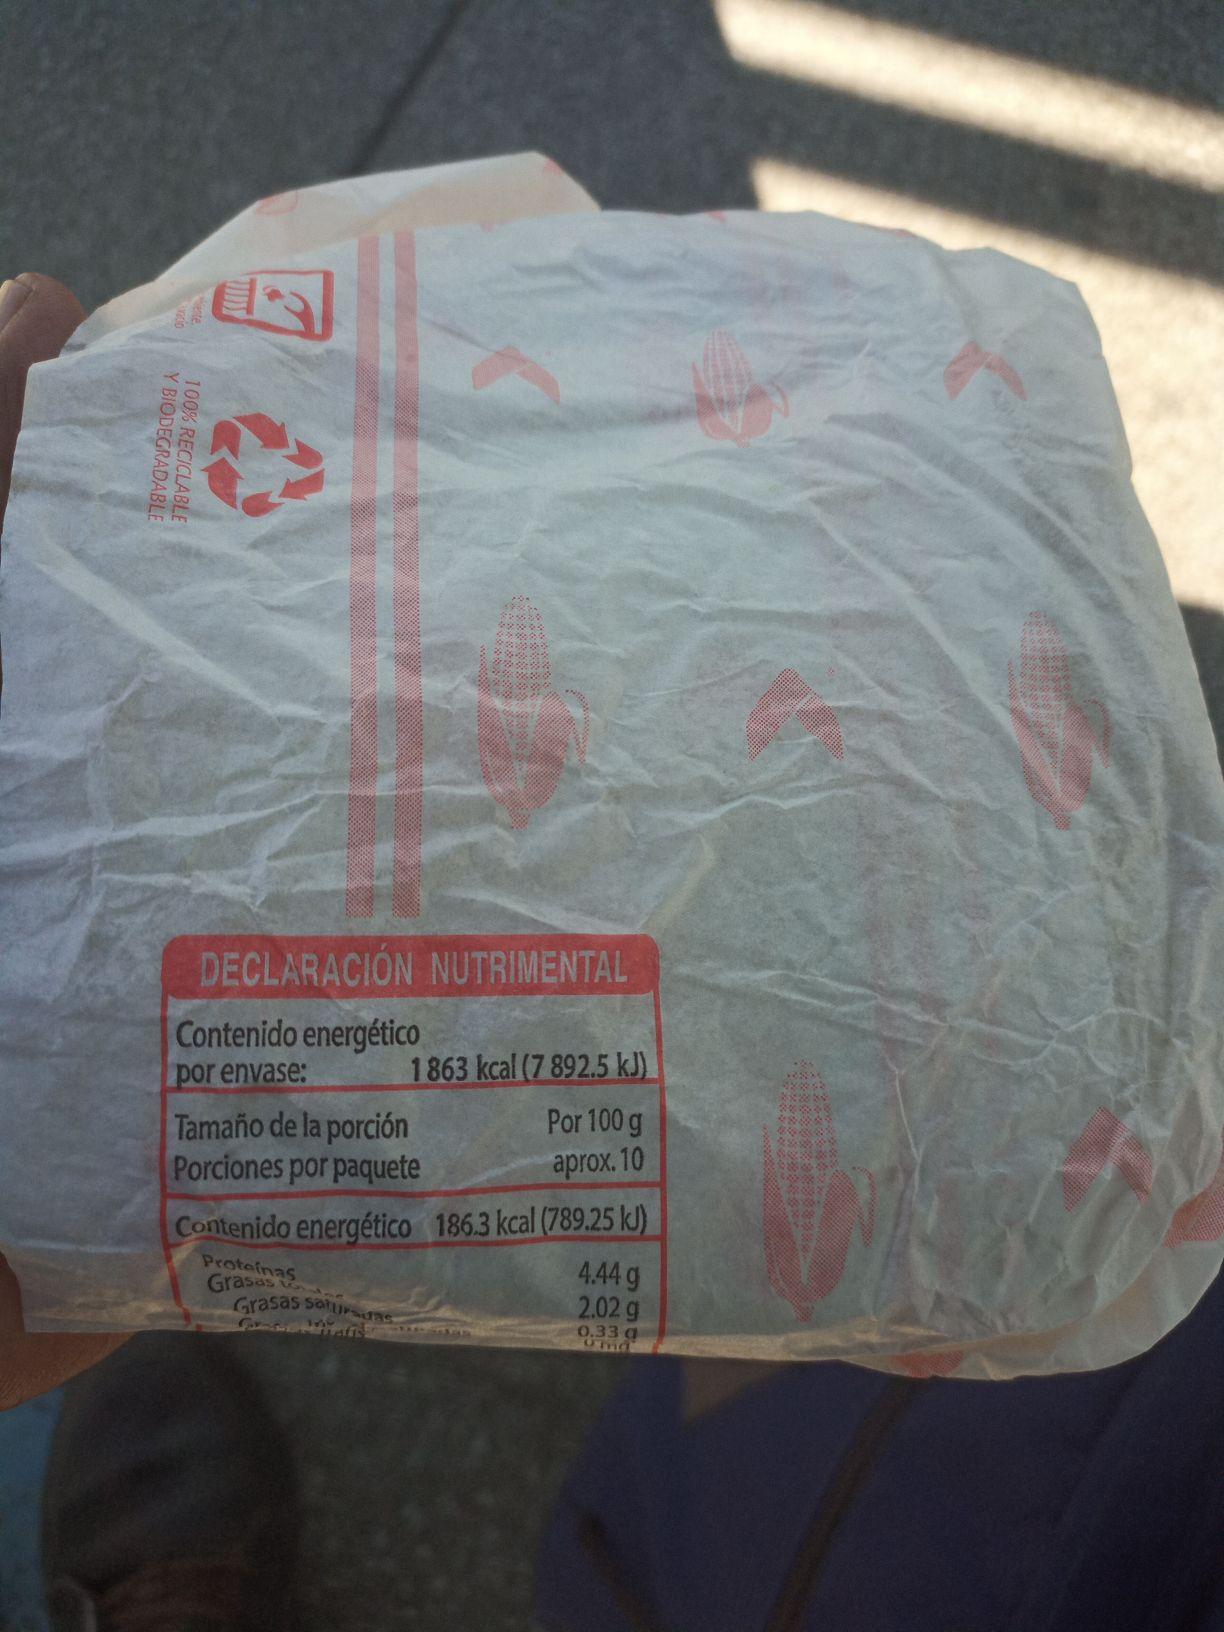 Bodega Aurrerá: kilo de tortillas a 10.70